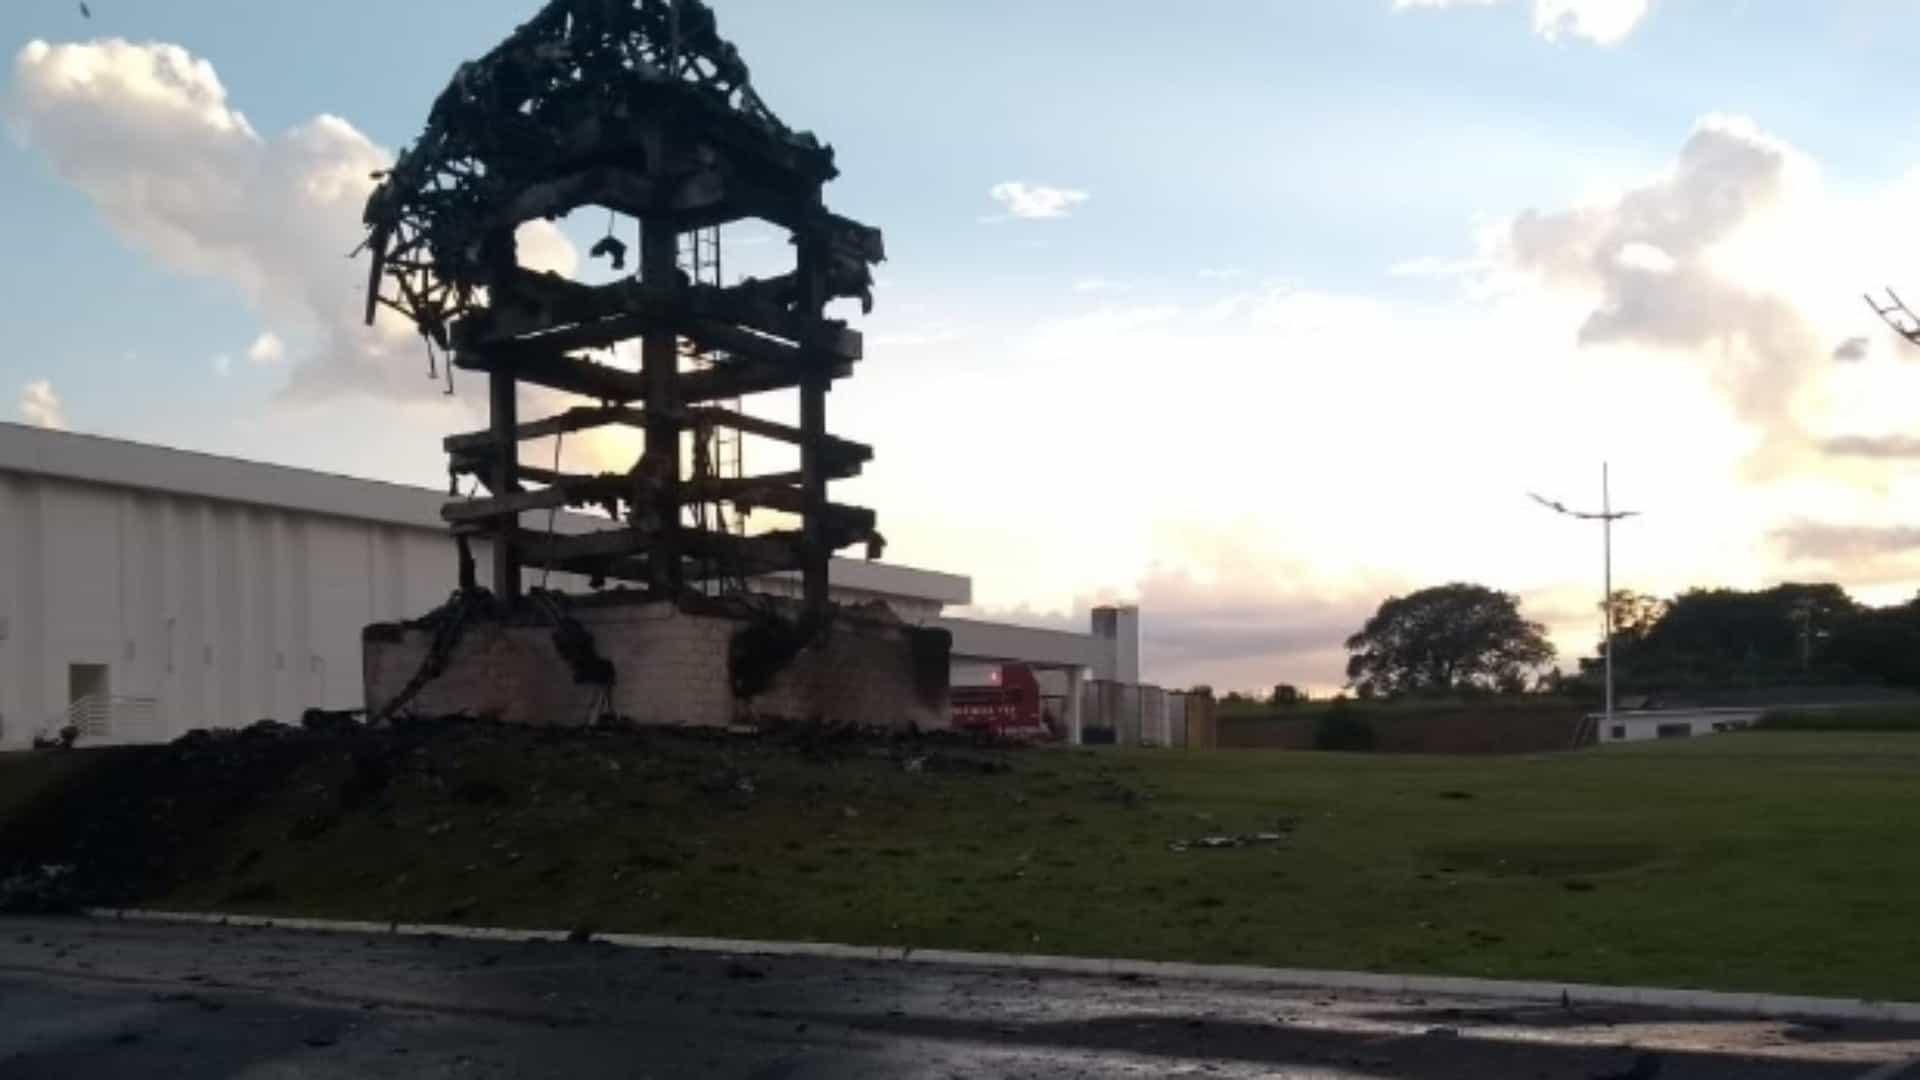 Dono de loja oferece R$ 100 mil por denúncia de incêndio a estátua